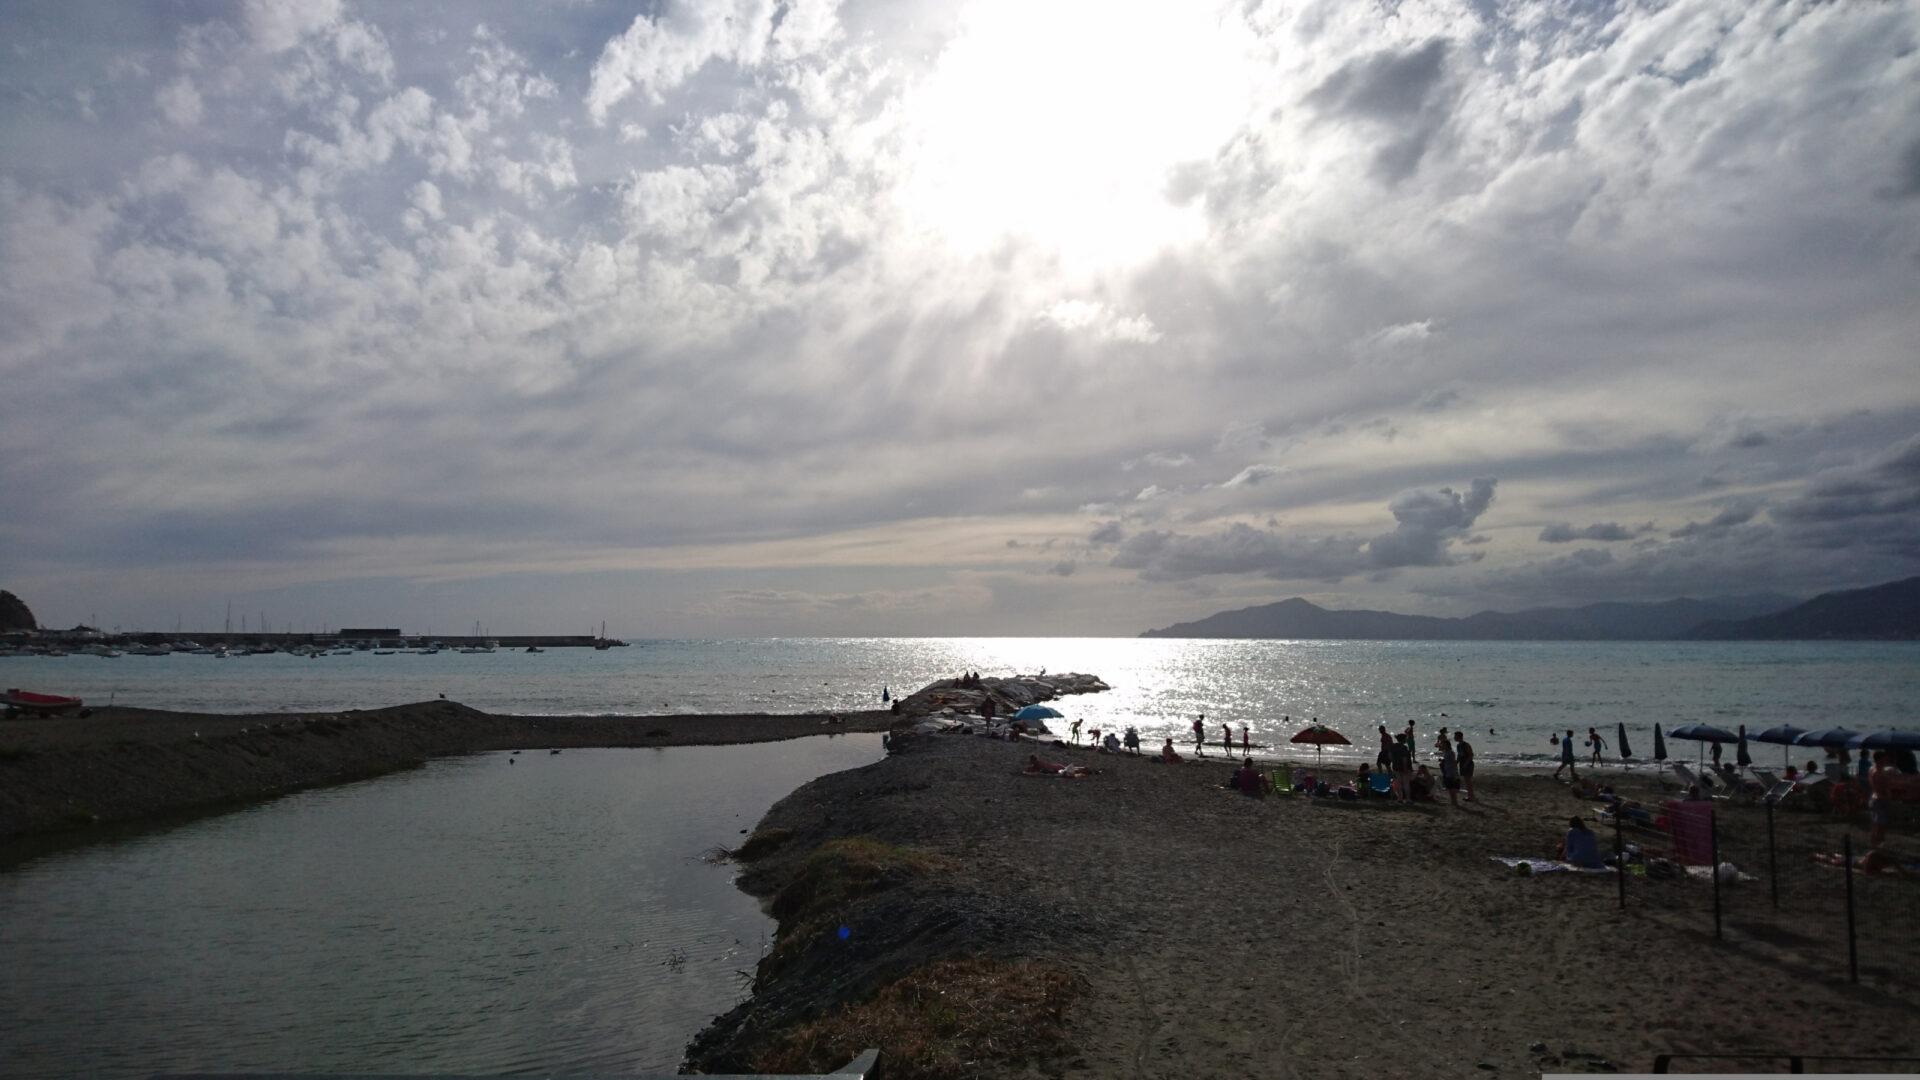 Лигурийское побережье стелефона.